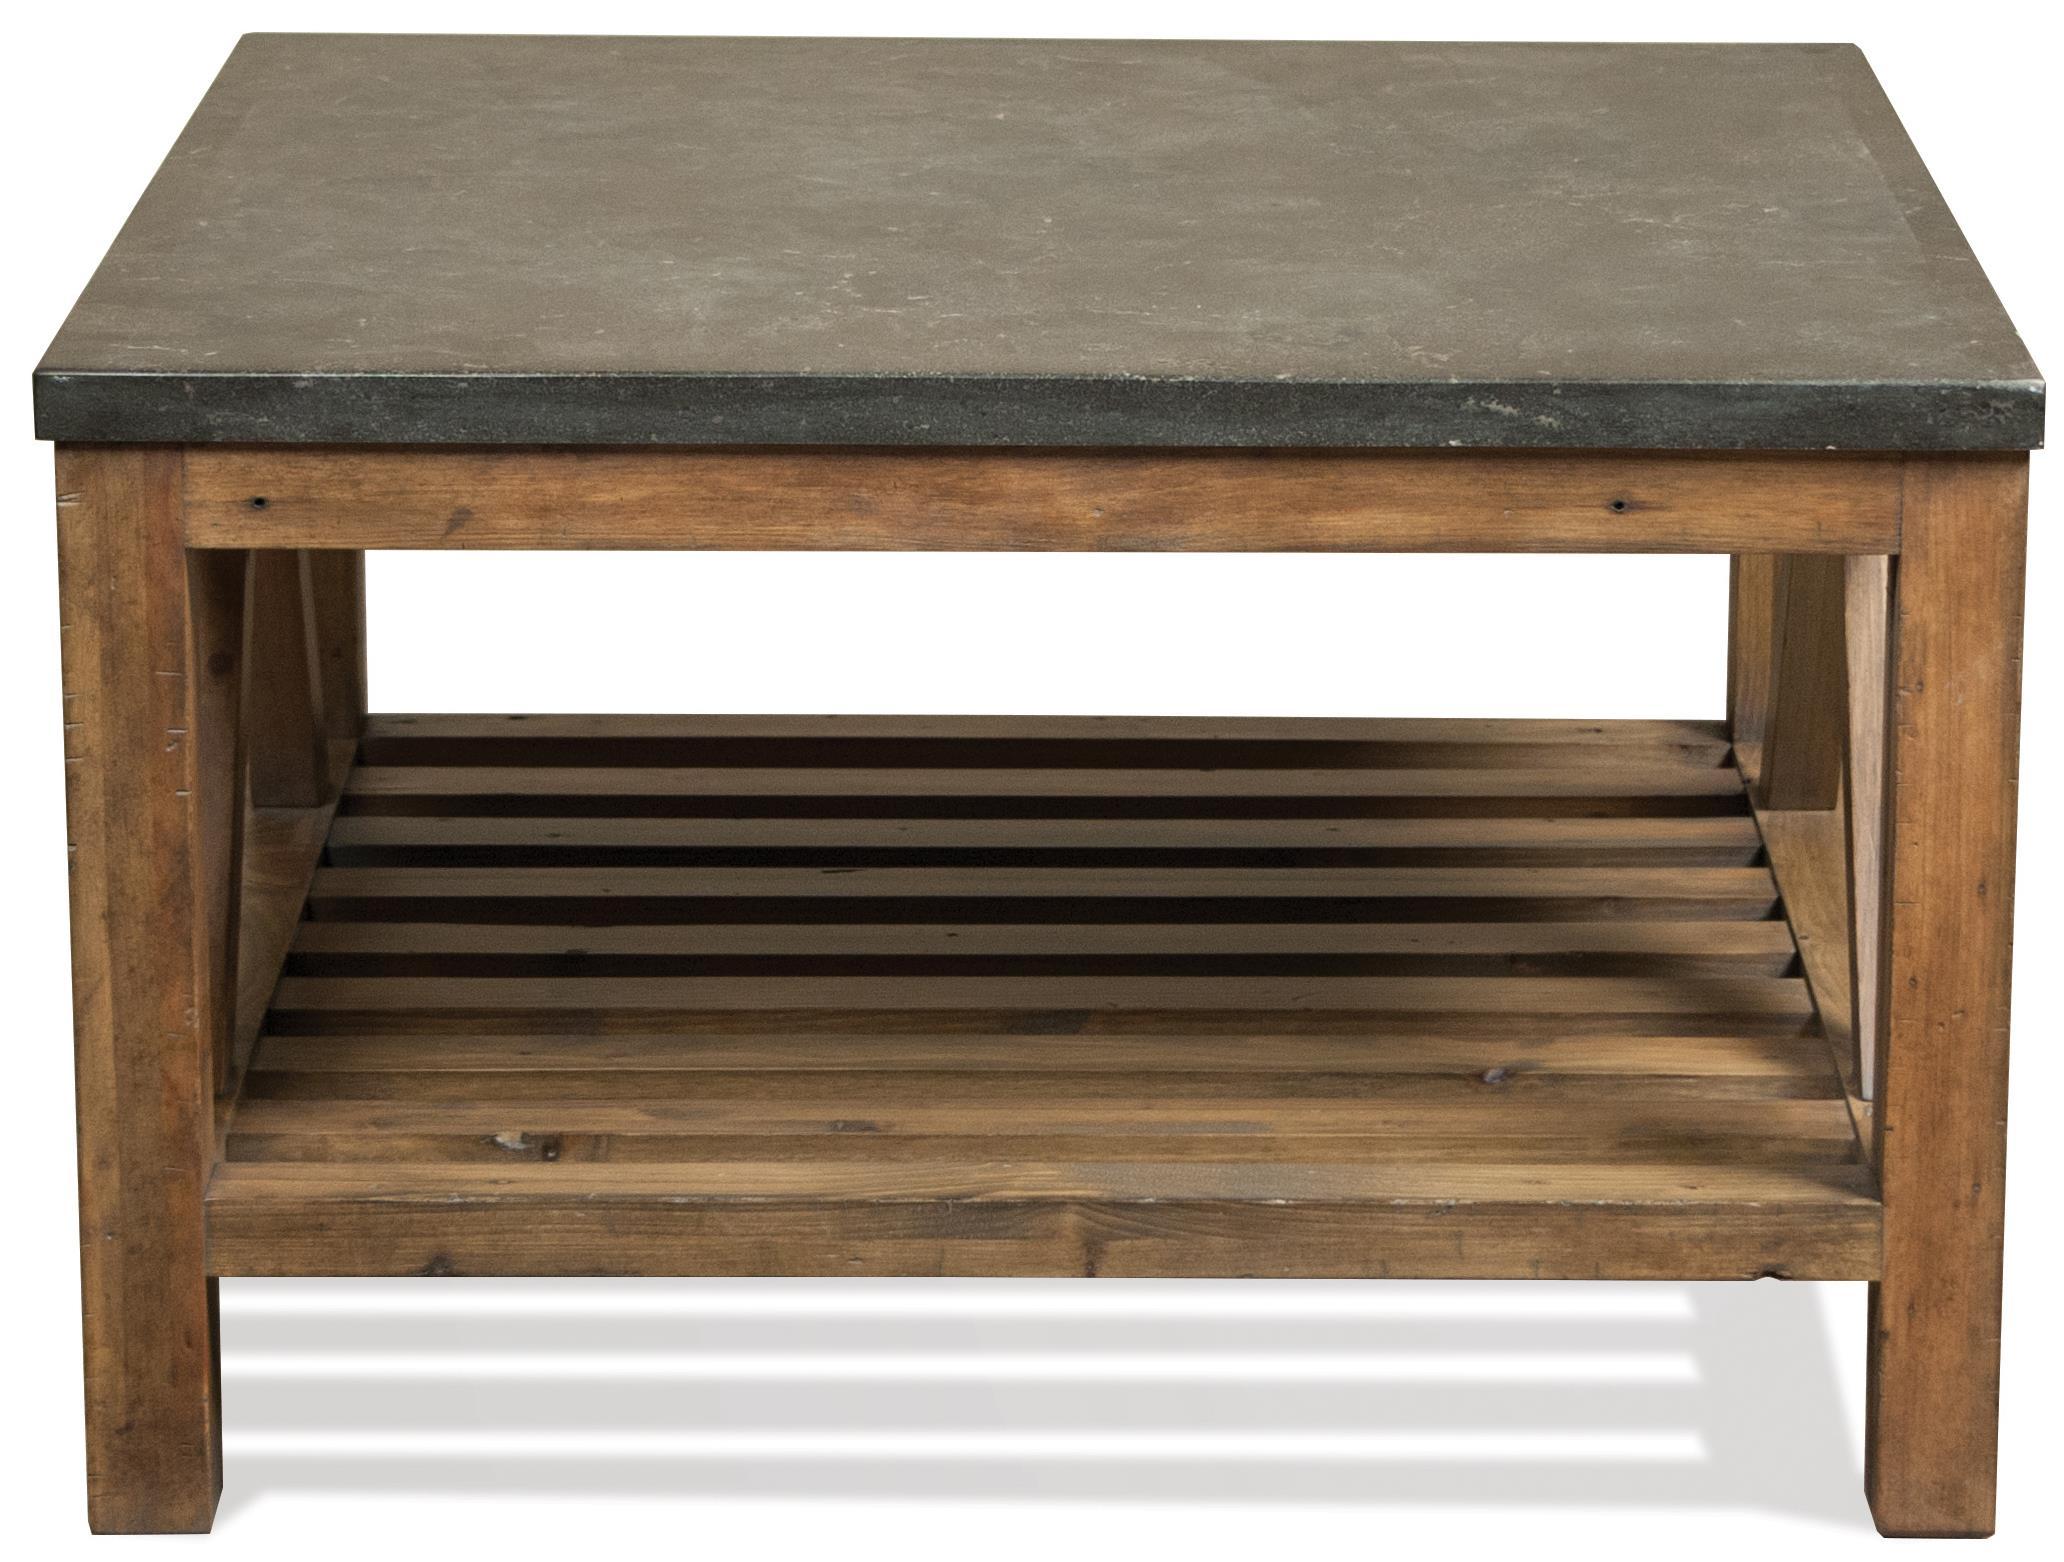 Beau Hudsonu0027s Furniture